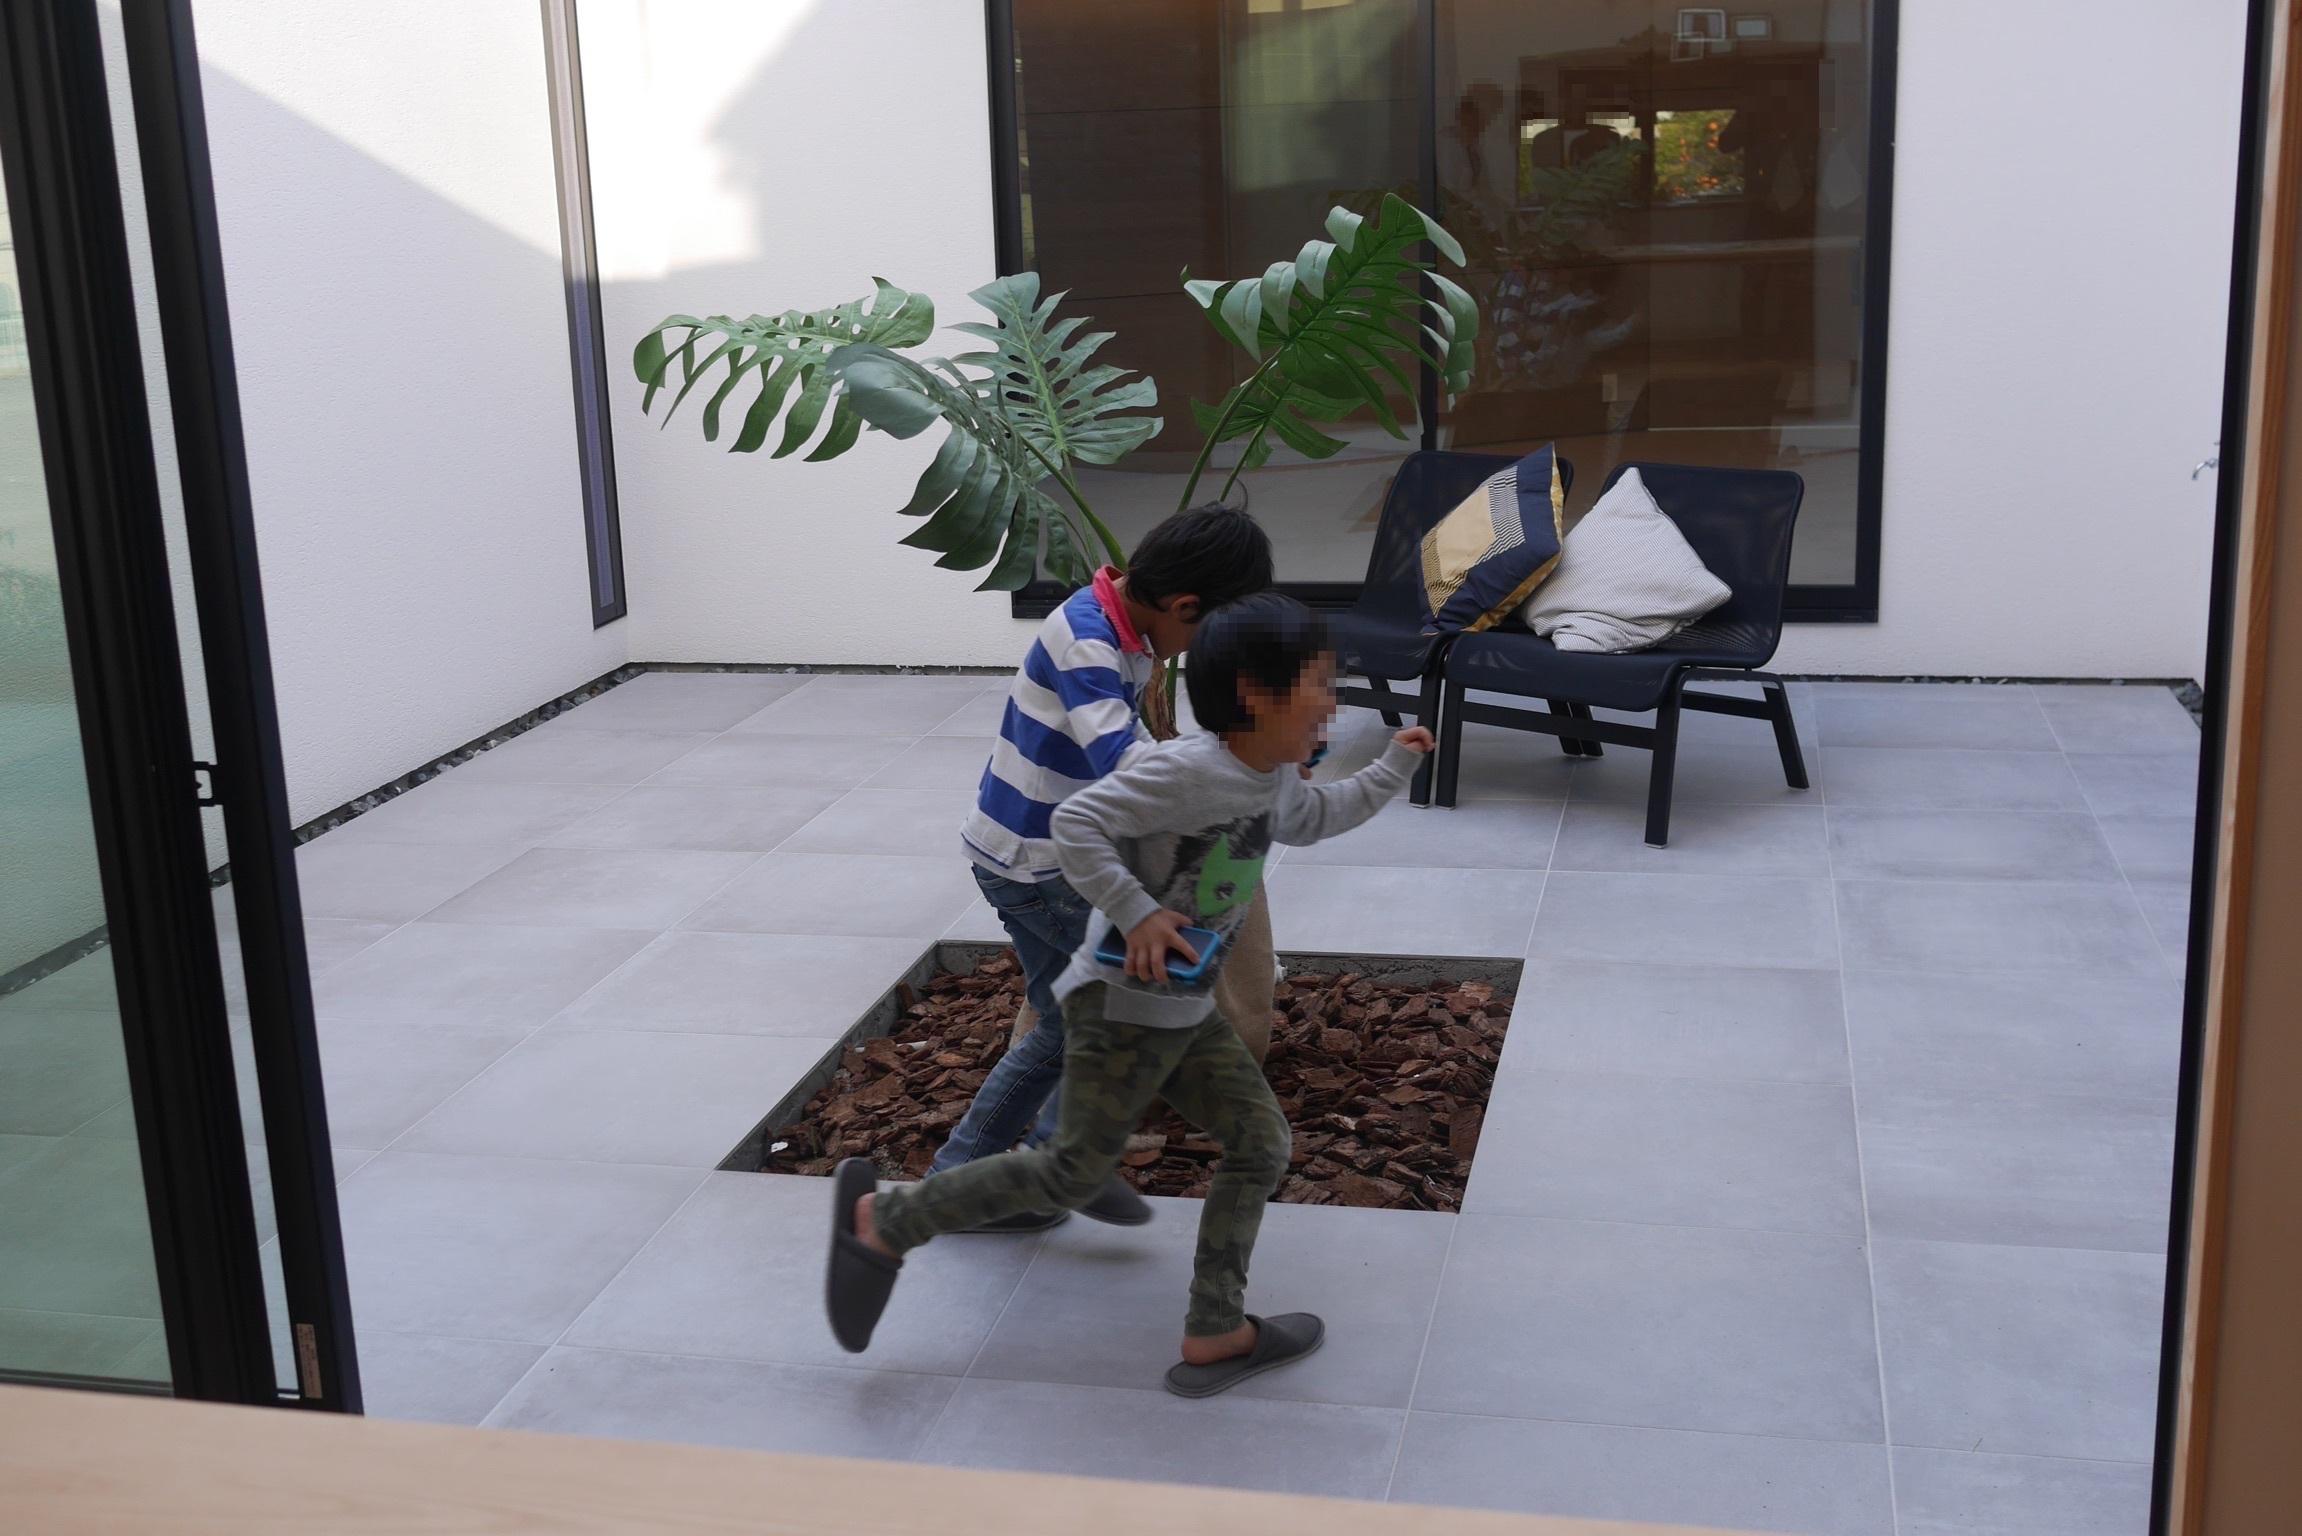 中庭で走り回る子供